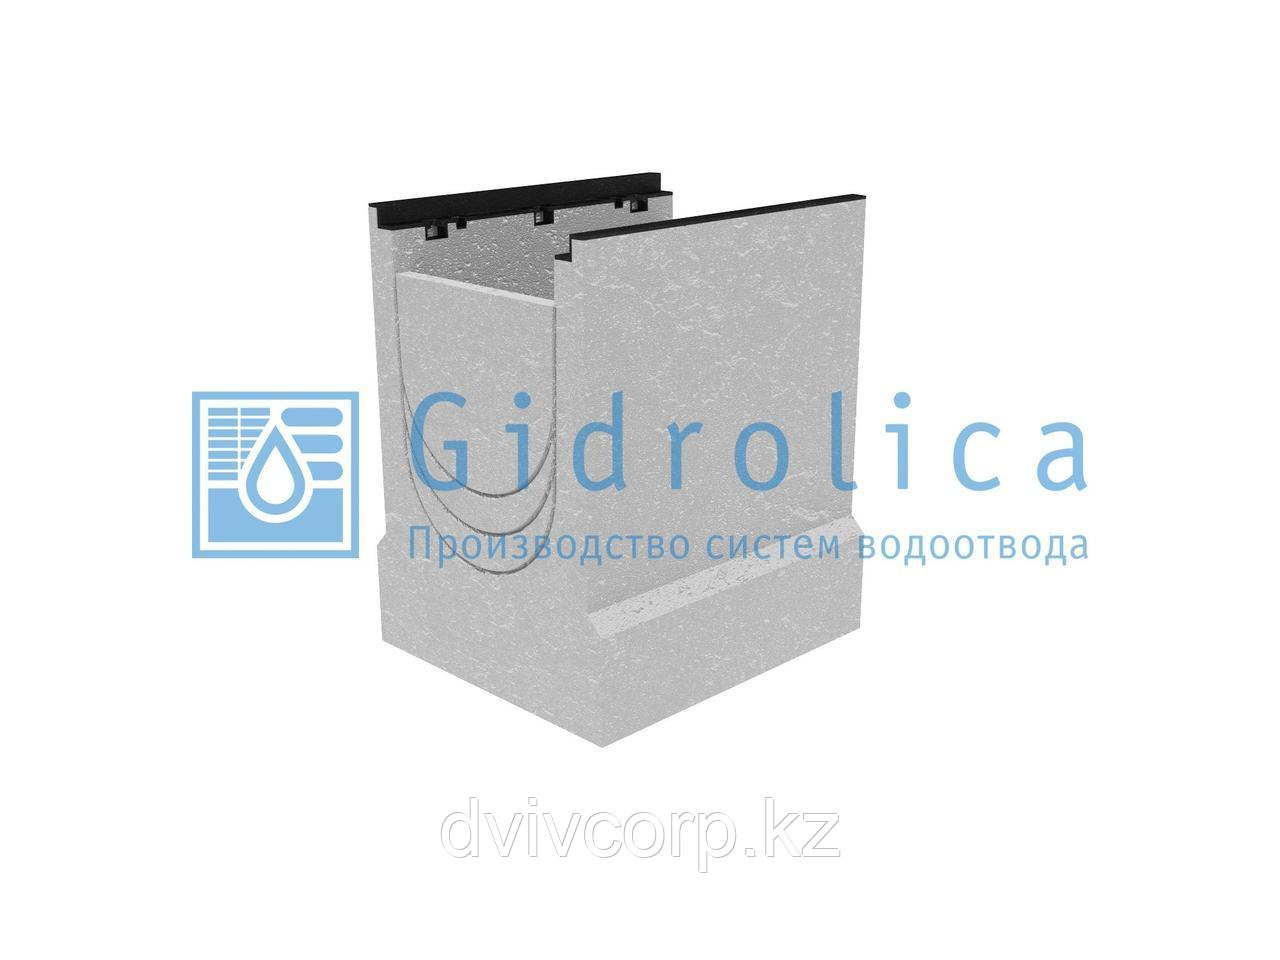 Пескоулавливающий колодец бетонный  (СО-300мм), верхняя часть, с чугунной насадкой  ПКП 50.44(30).60 - BGZ-S